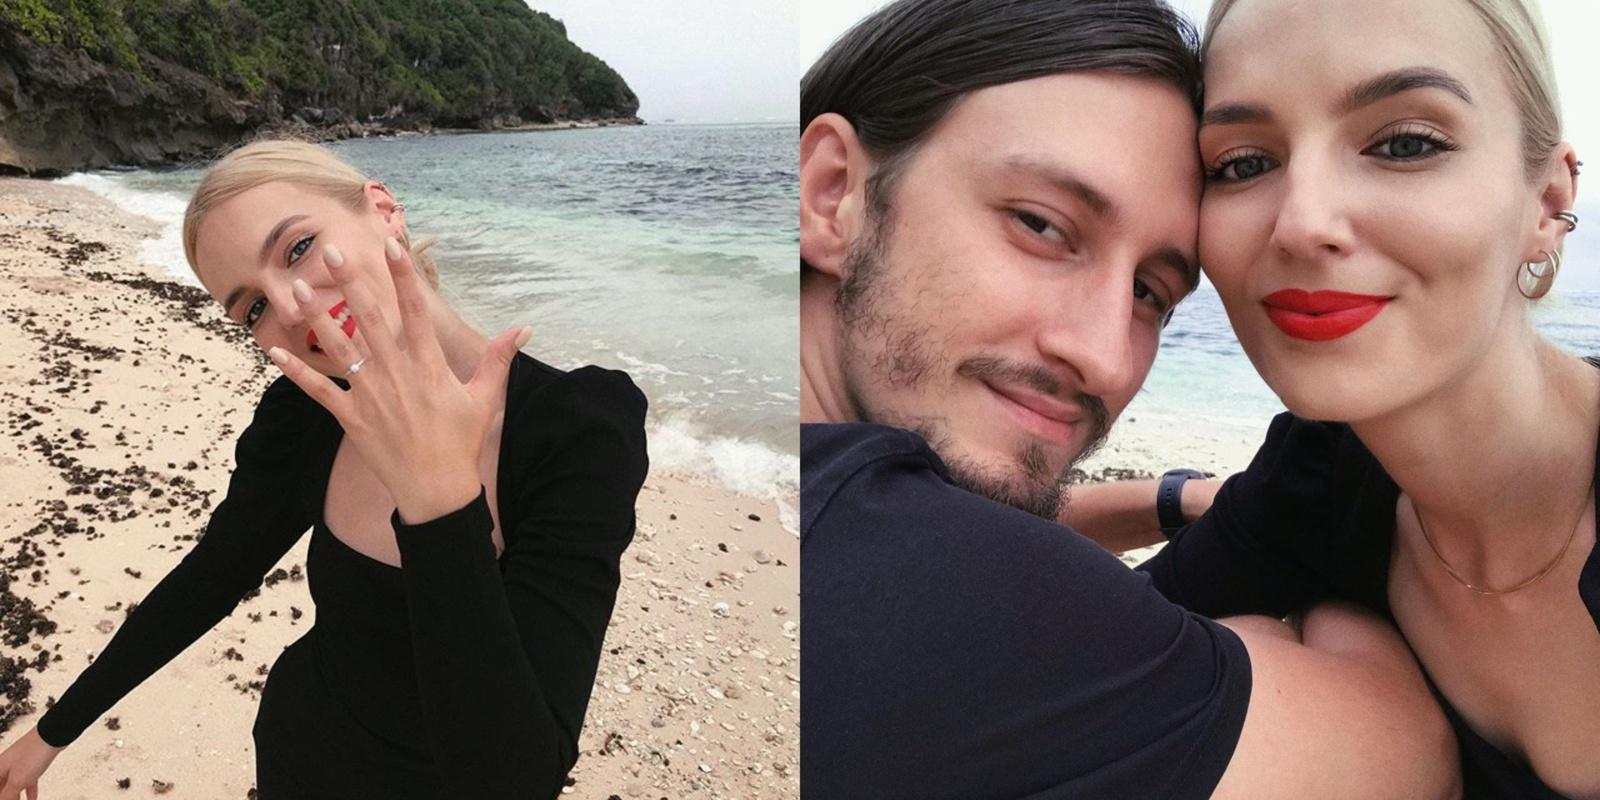 Susižadėjo modelis S. Burbaitė: mylimasis rankos paprašė egzotiškoje šalyje